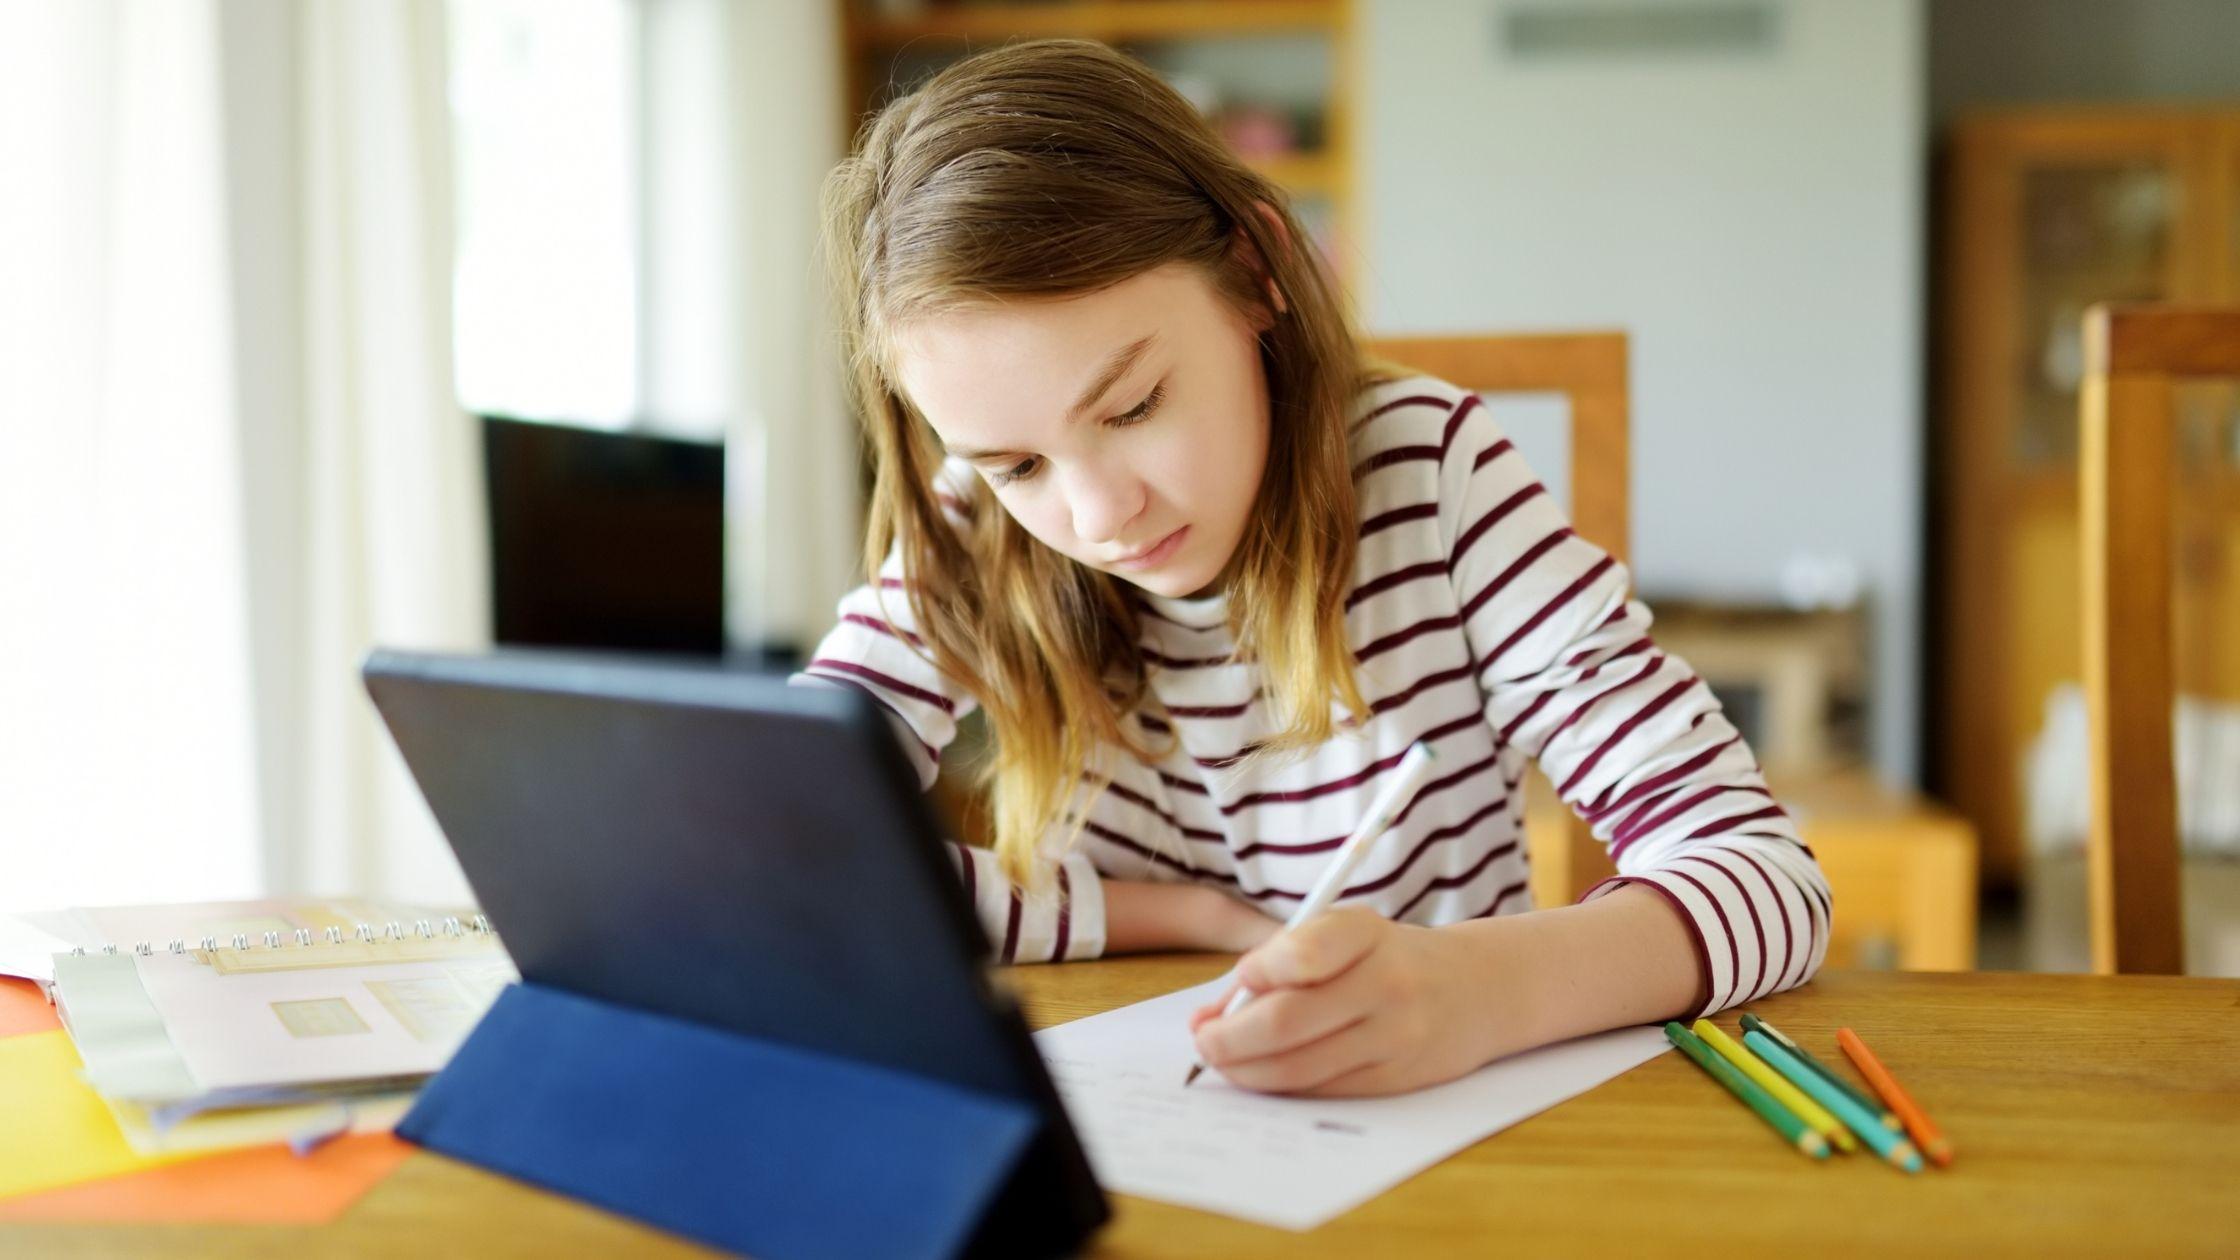 Como incluir a tecnologia em sala de aula?